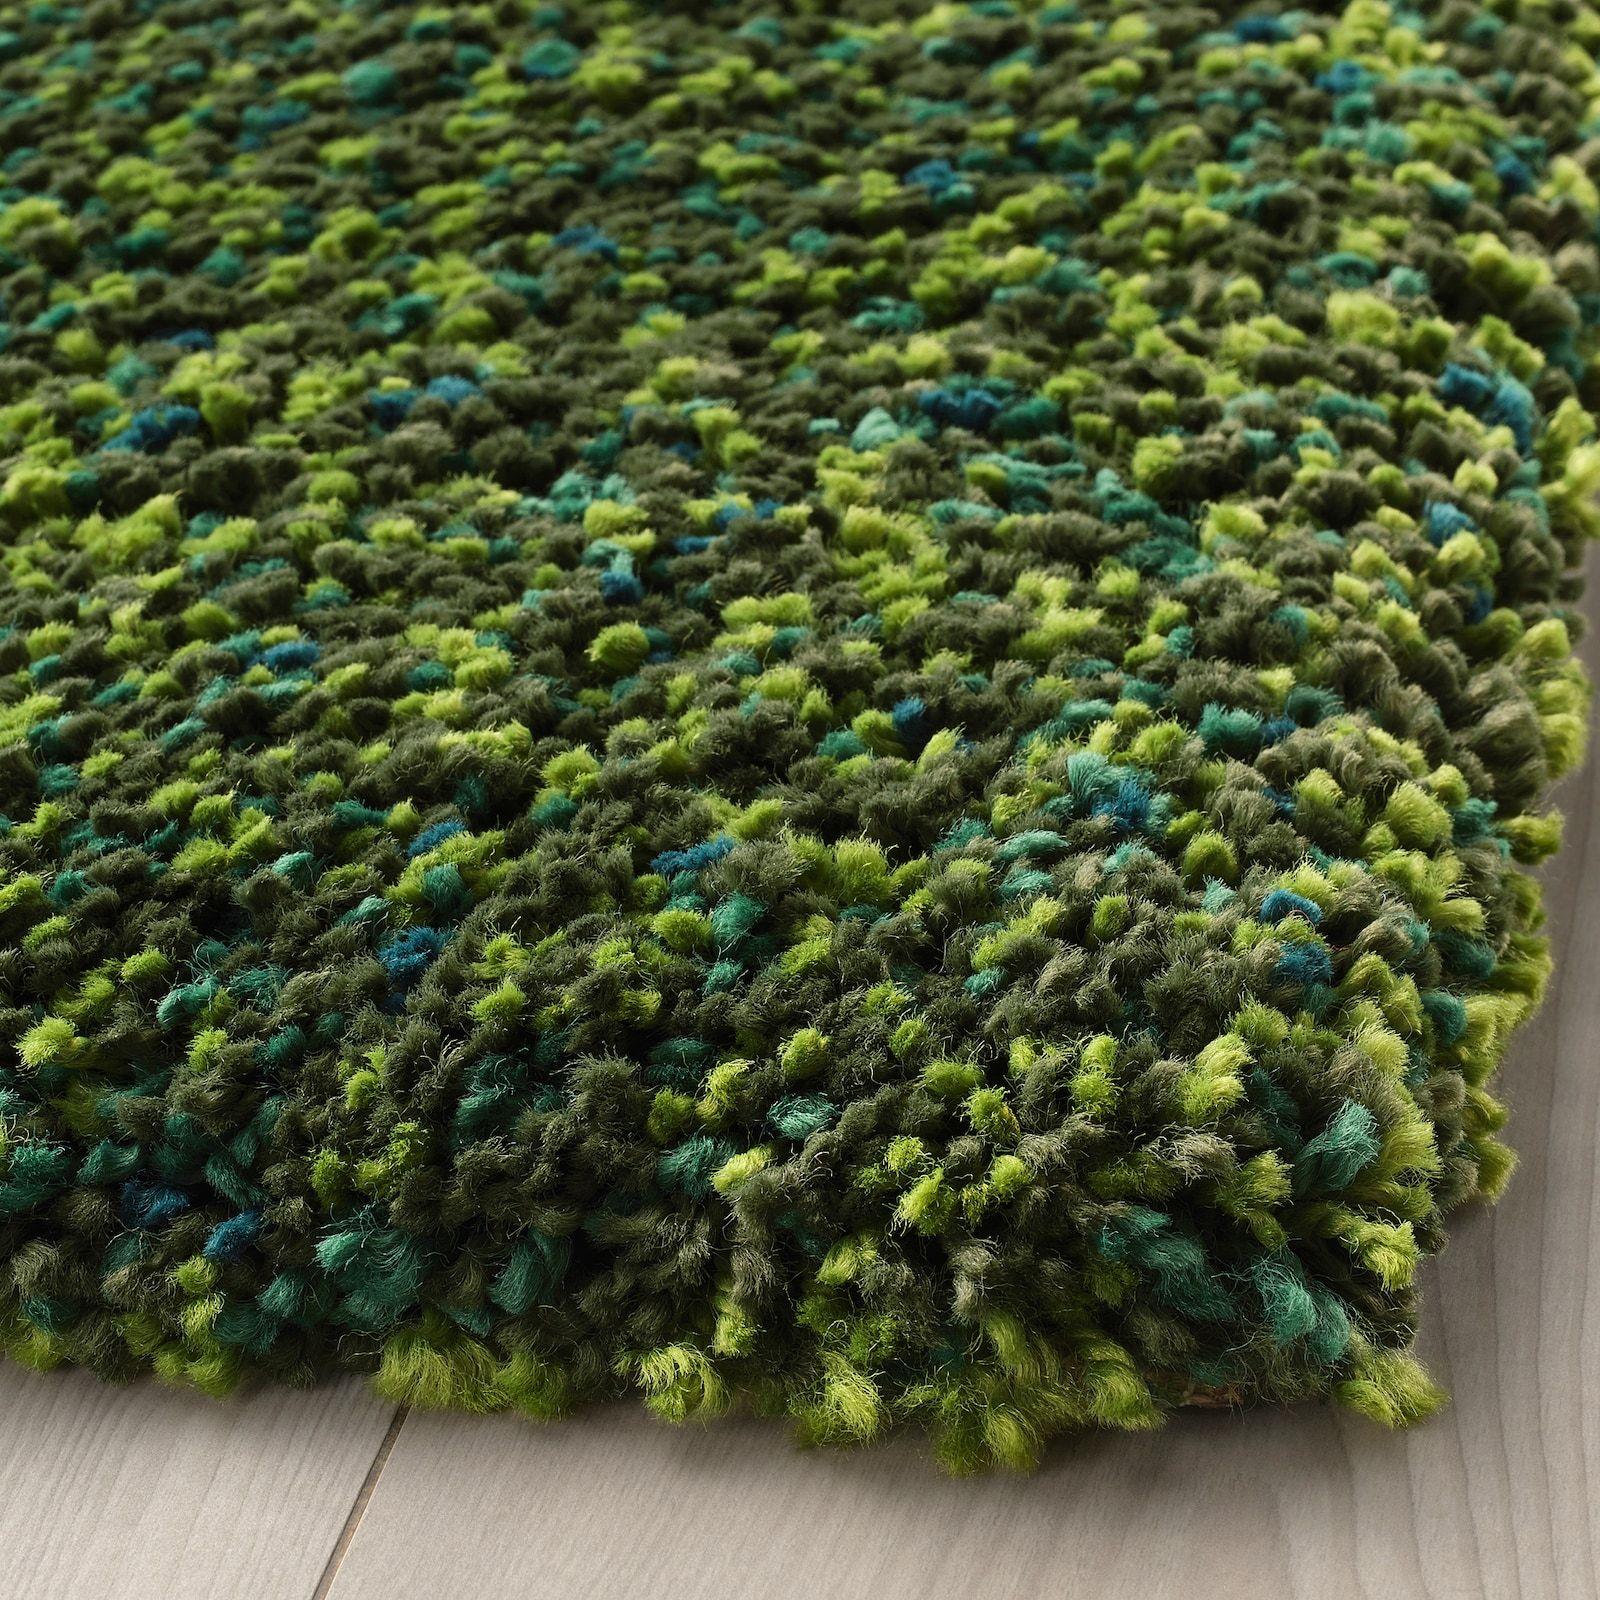 Vindum Rug High Pile Green 6 7 X8 10 Ikea In 2020 Green Shag Rug Green Rug Bedroom Rugs